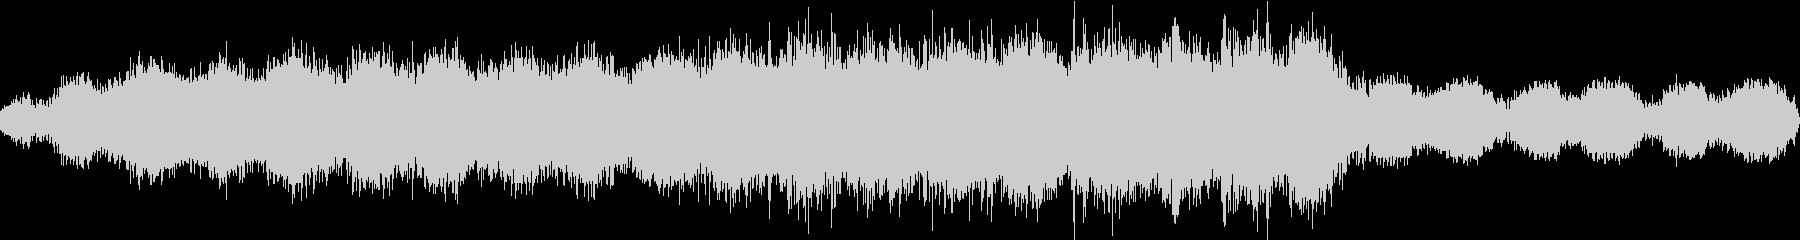 聖歌隊のドローンは、反響的な倍音と...の未再生の波形